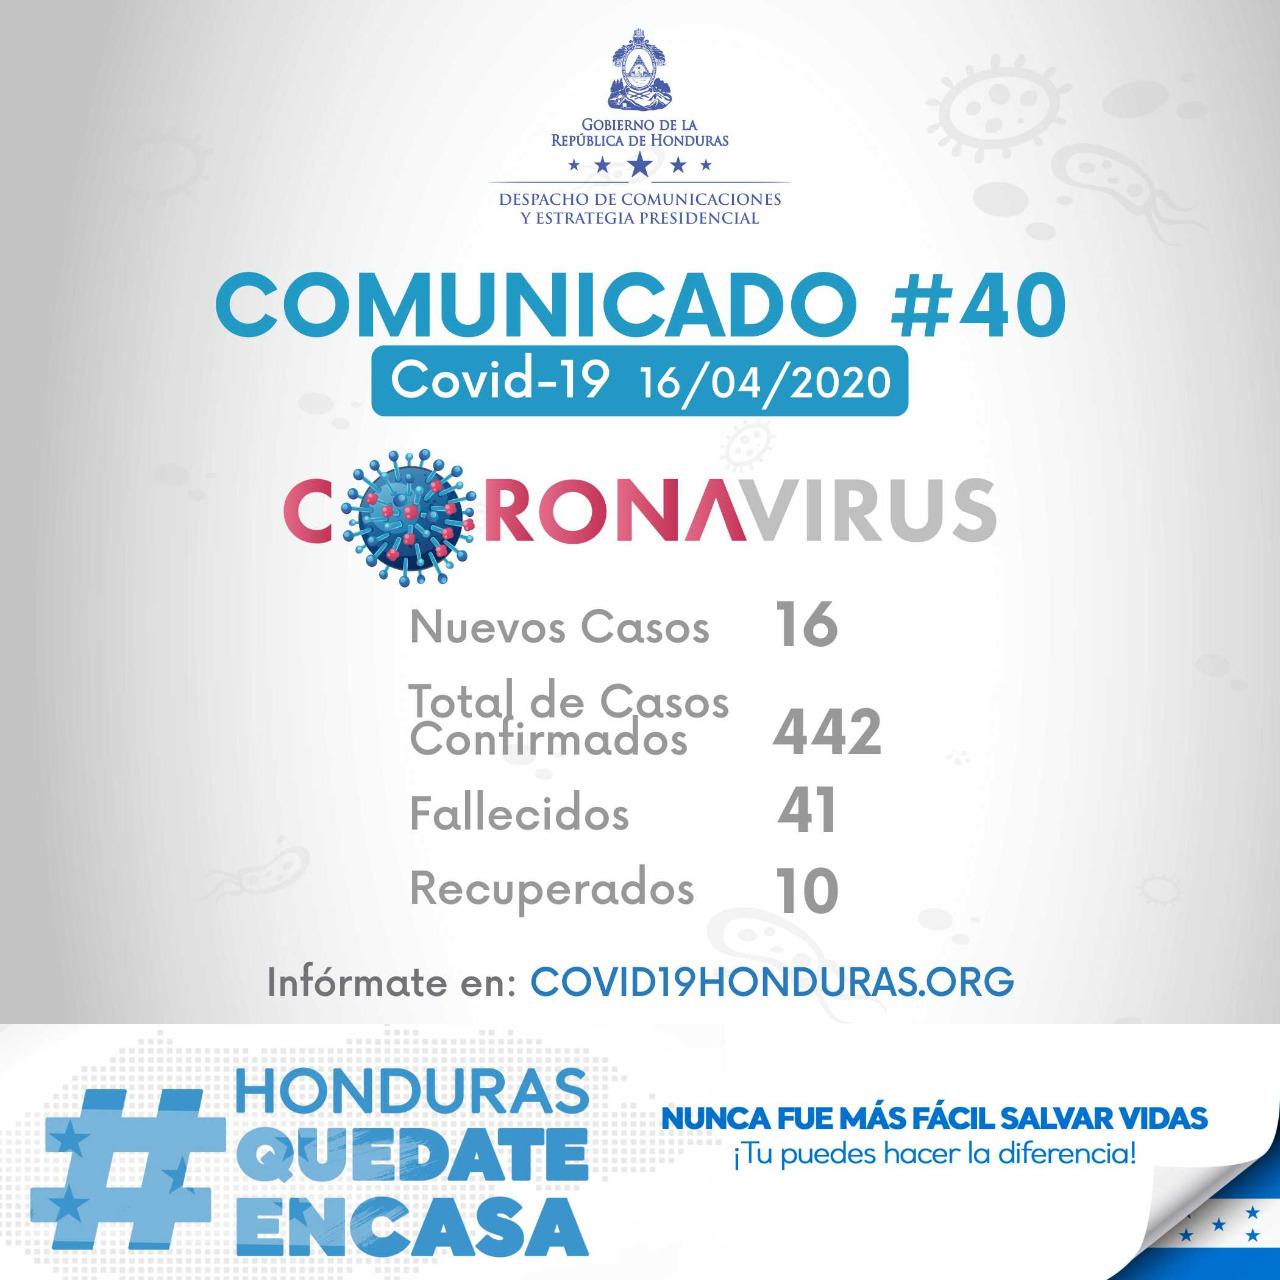 Contagiados de COVID-19 en Honduras ascienden a 442 y 41 fallecidos